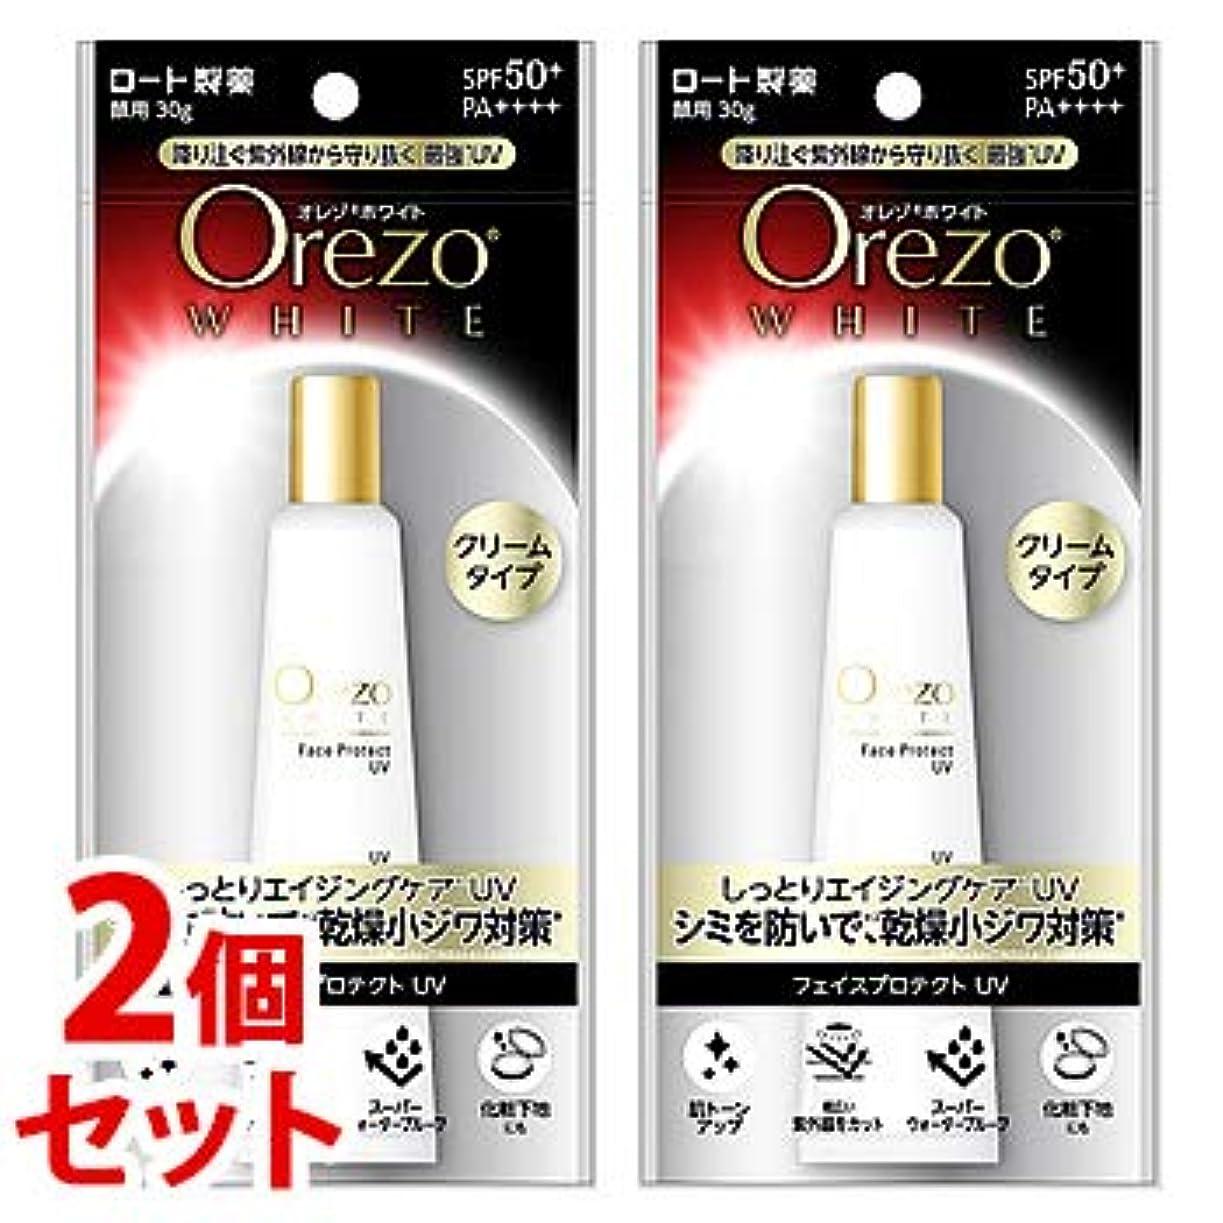 添加お勧め役職《セット販売》 ロート製薬 Orezo オレゾ ホワイト フェイスプロテクトUV SPF50+ PA++++ (30g)×2個セット 顔用 日やけ止め 化粧下地 クリームタイプ